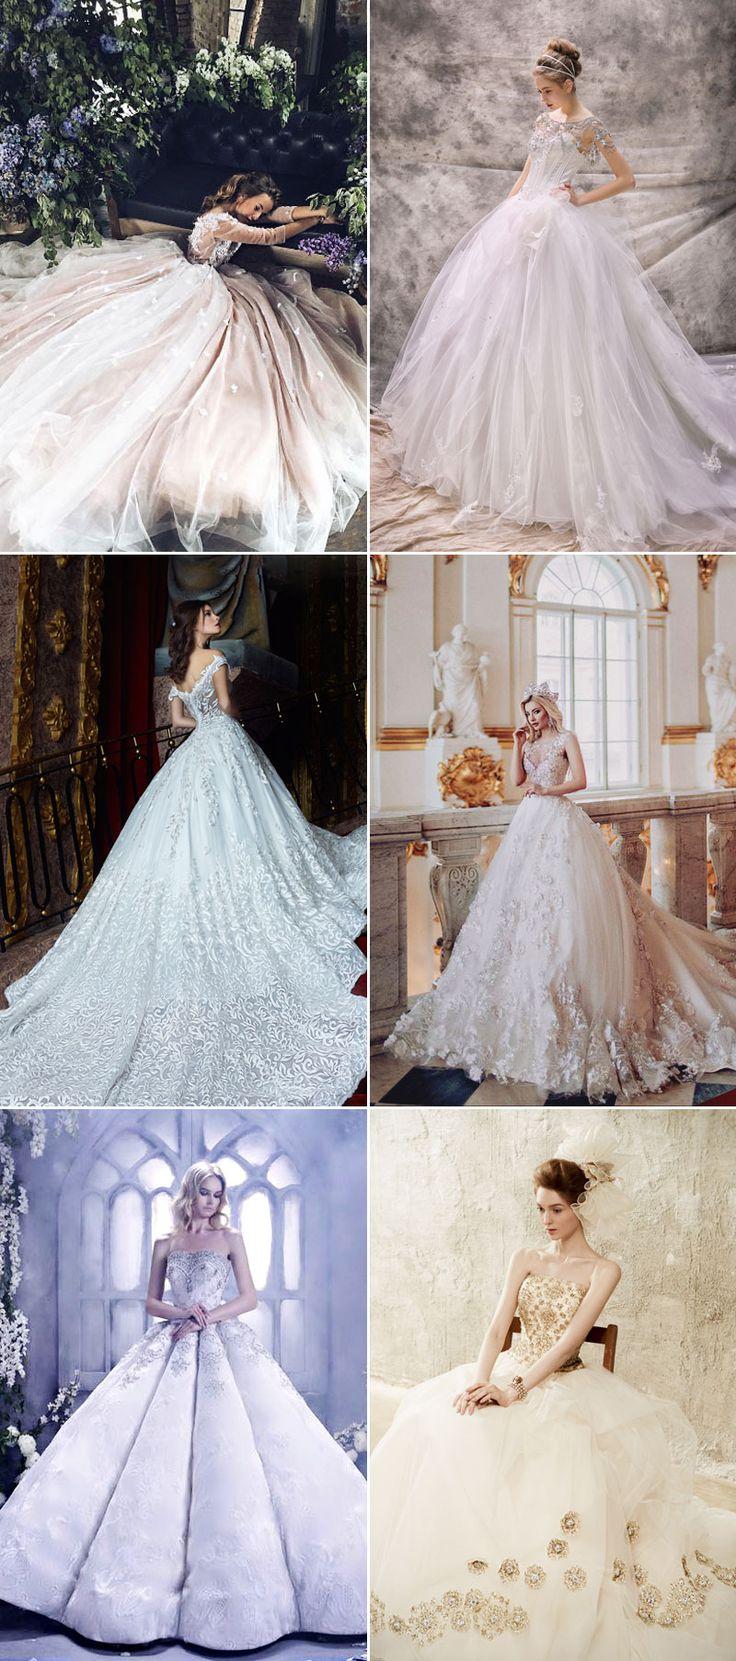 best robe magnifique images on pinterest cute dresses